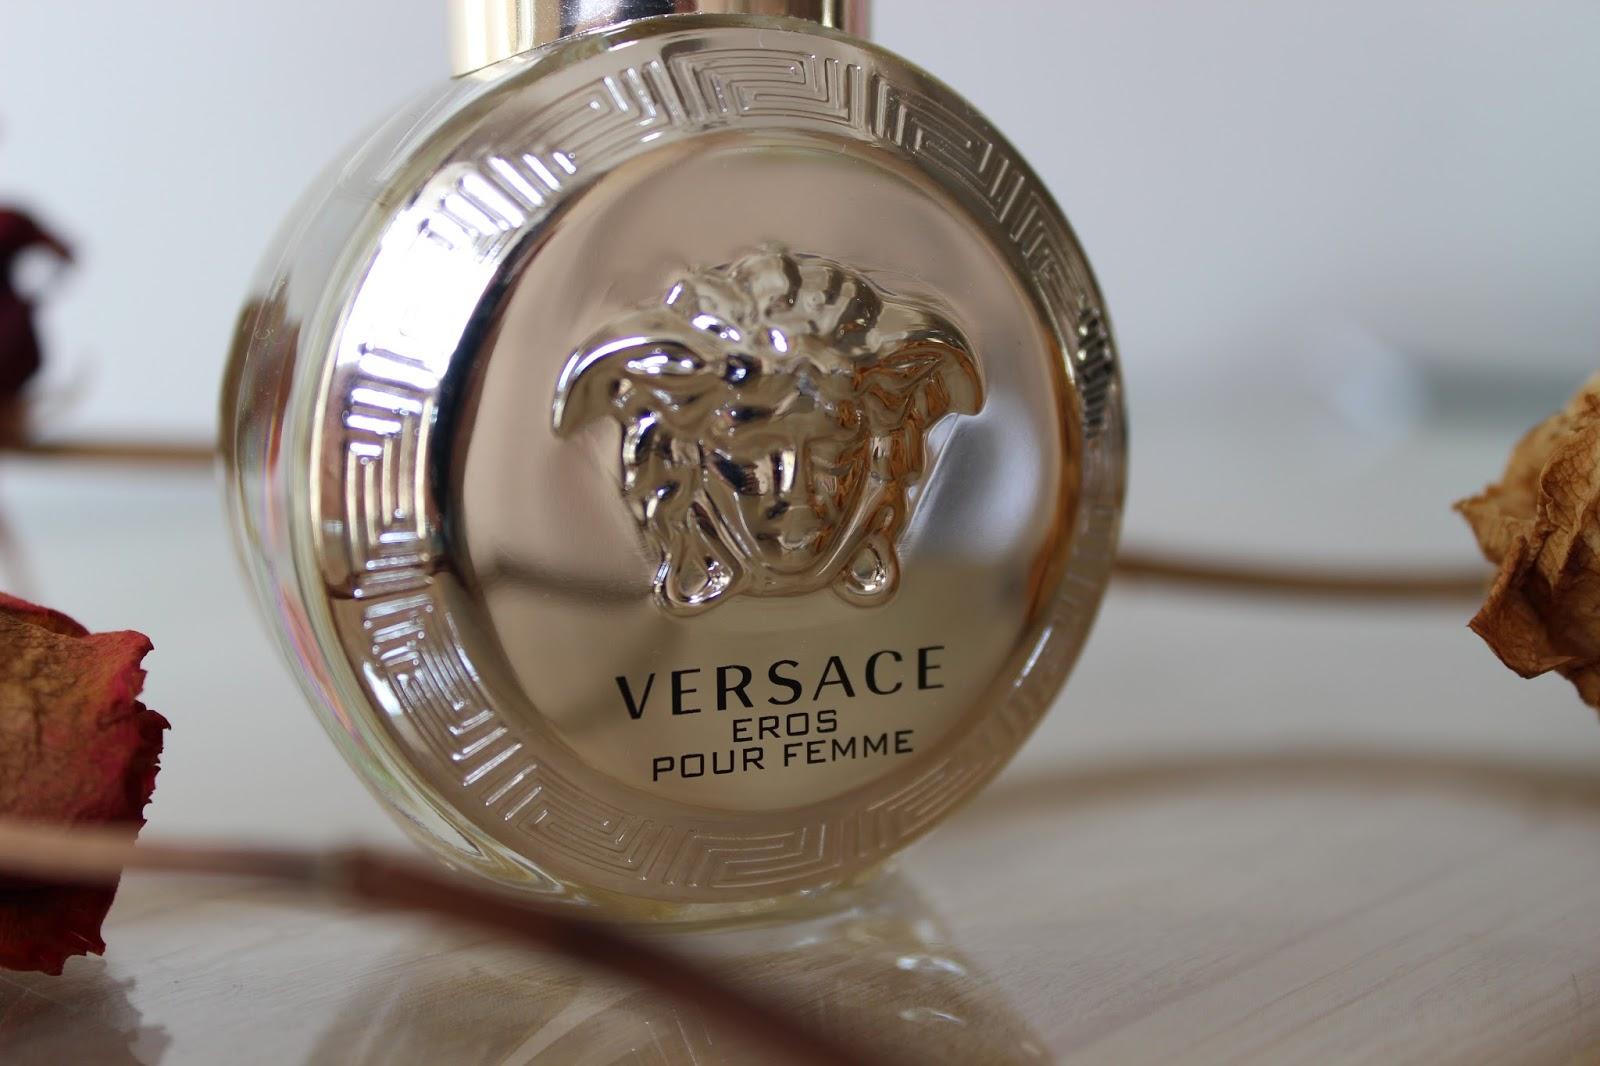 Versace Eros Pour Femme Review